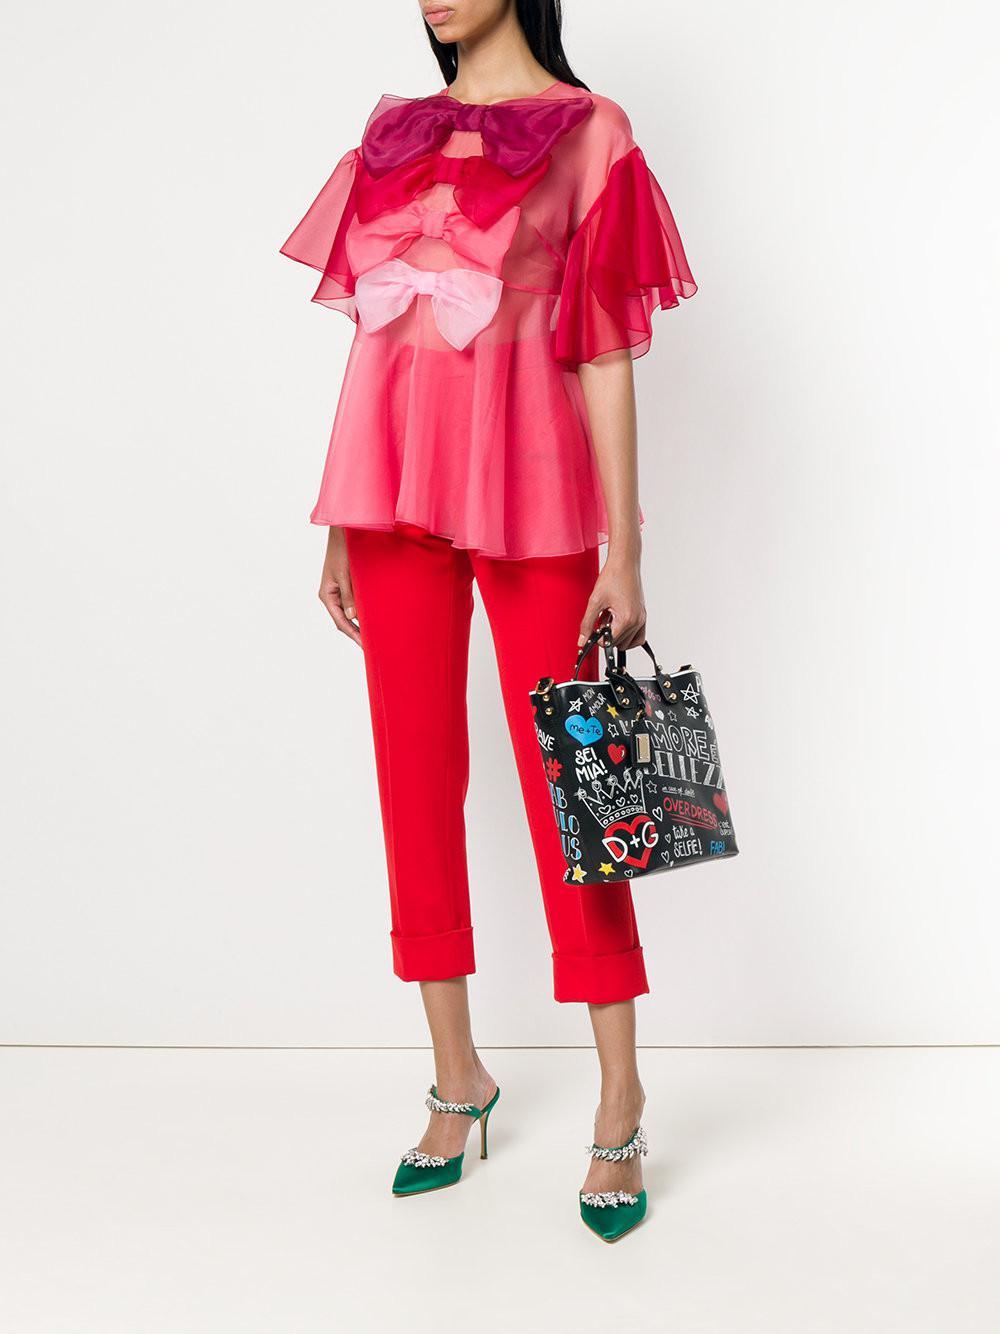 458bcf071da1 Lyst - Dolce   Gabbana Beatrice Mural Tote Bag